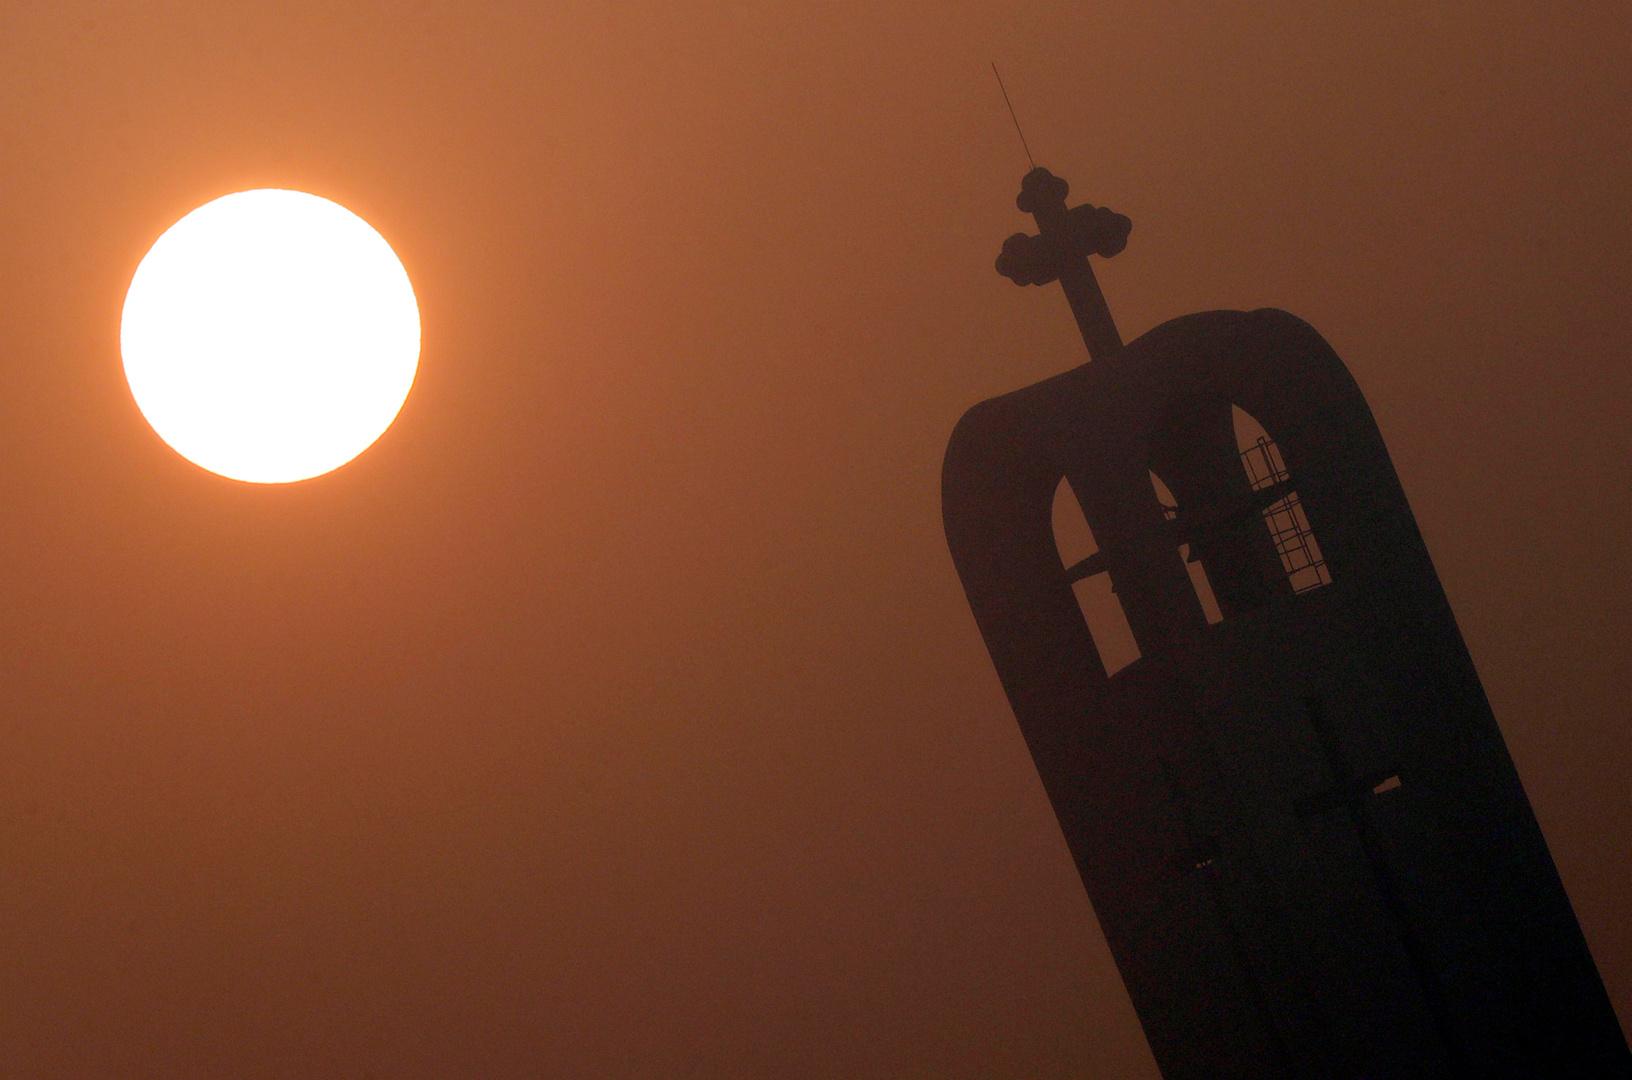 الكنيسة القبطية الأرثوذكسية في مصر ترفض عرض شركة أمريكية مشهورة لفيلم مسيء للمسيح